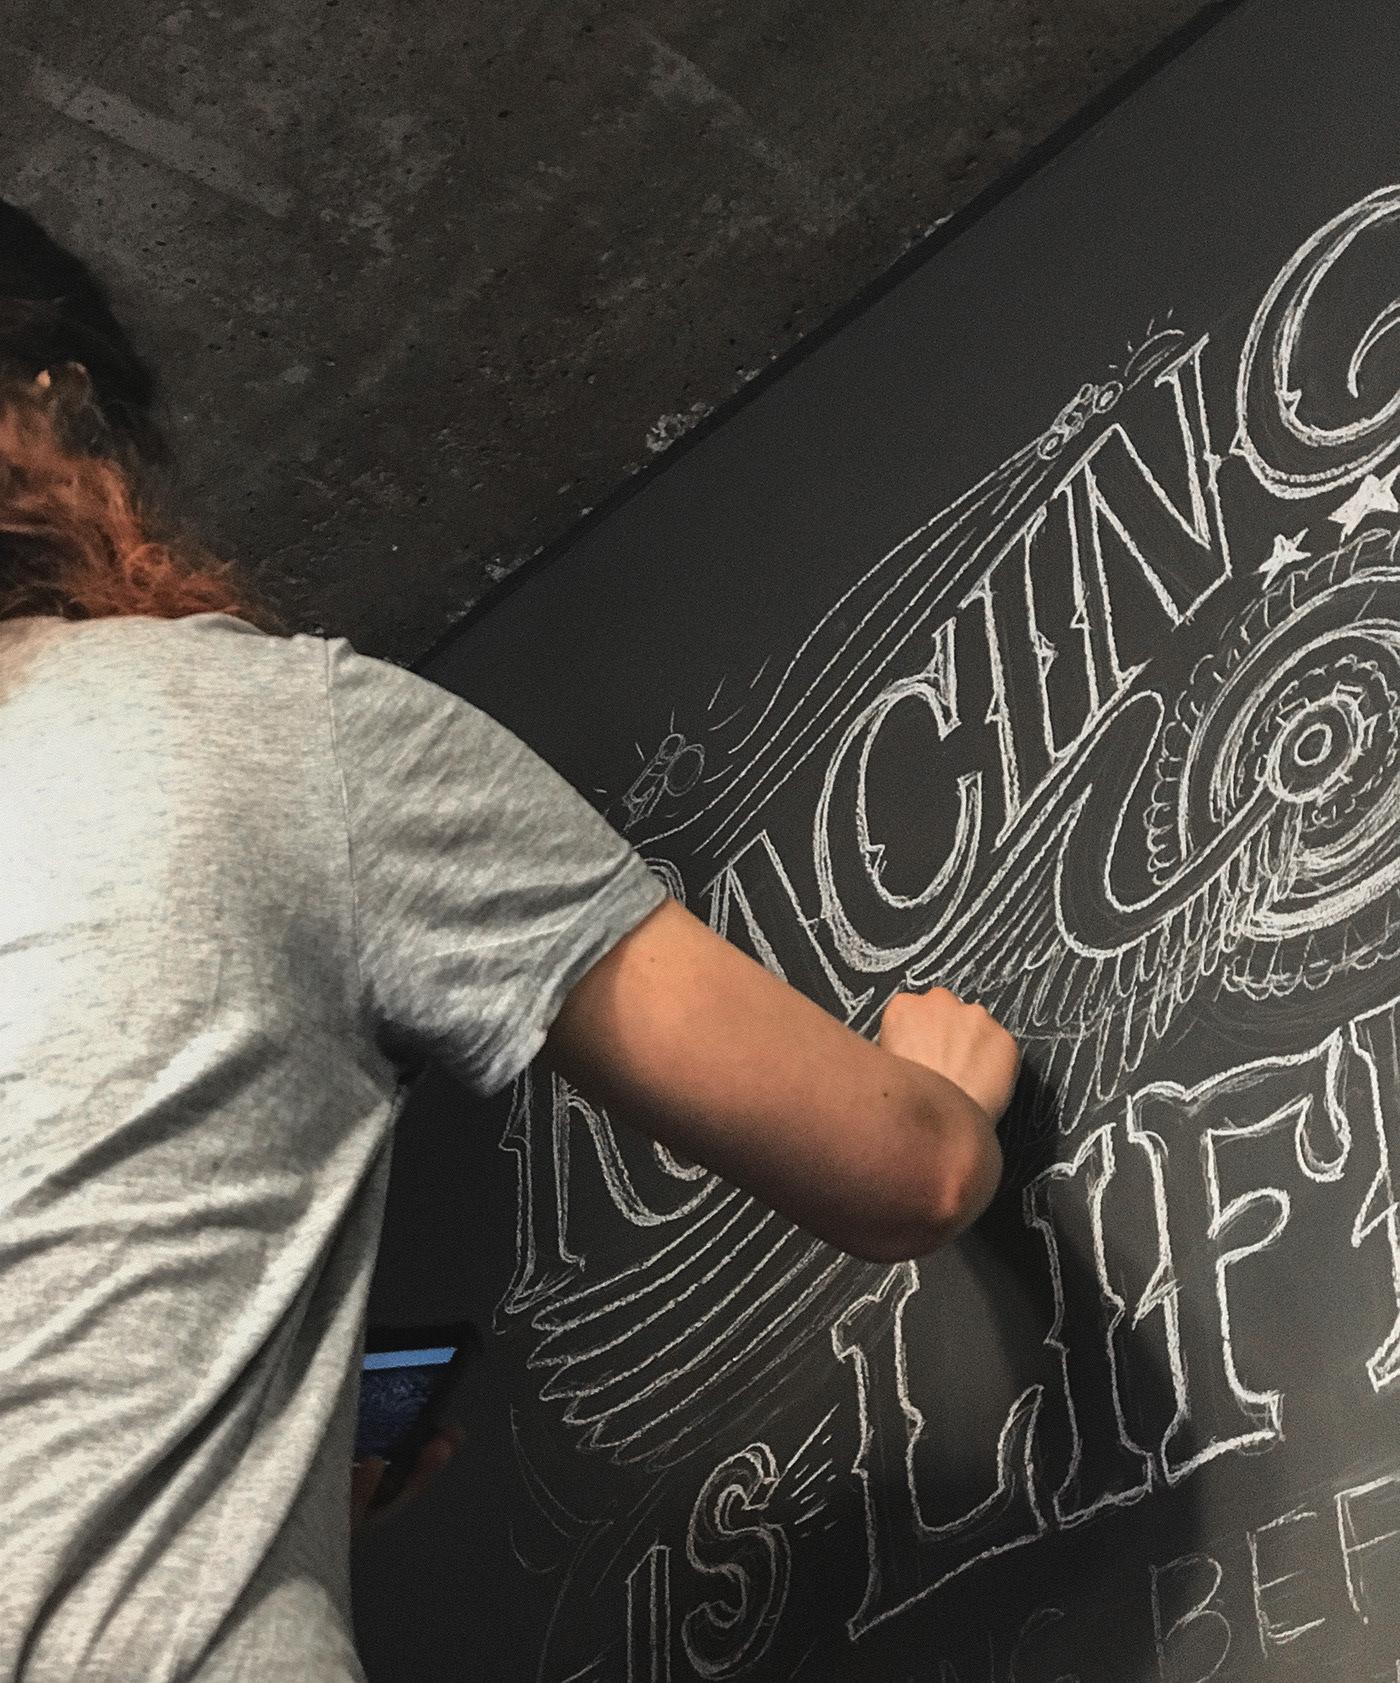 lettering,typography art,Hand Lettered,chalkboard Art,chalk mural,Mural,Lettering Art,Chalk art,Harley Davidson,vintage font